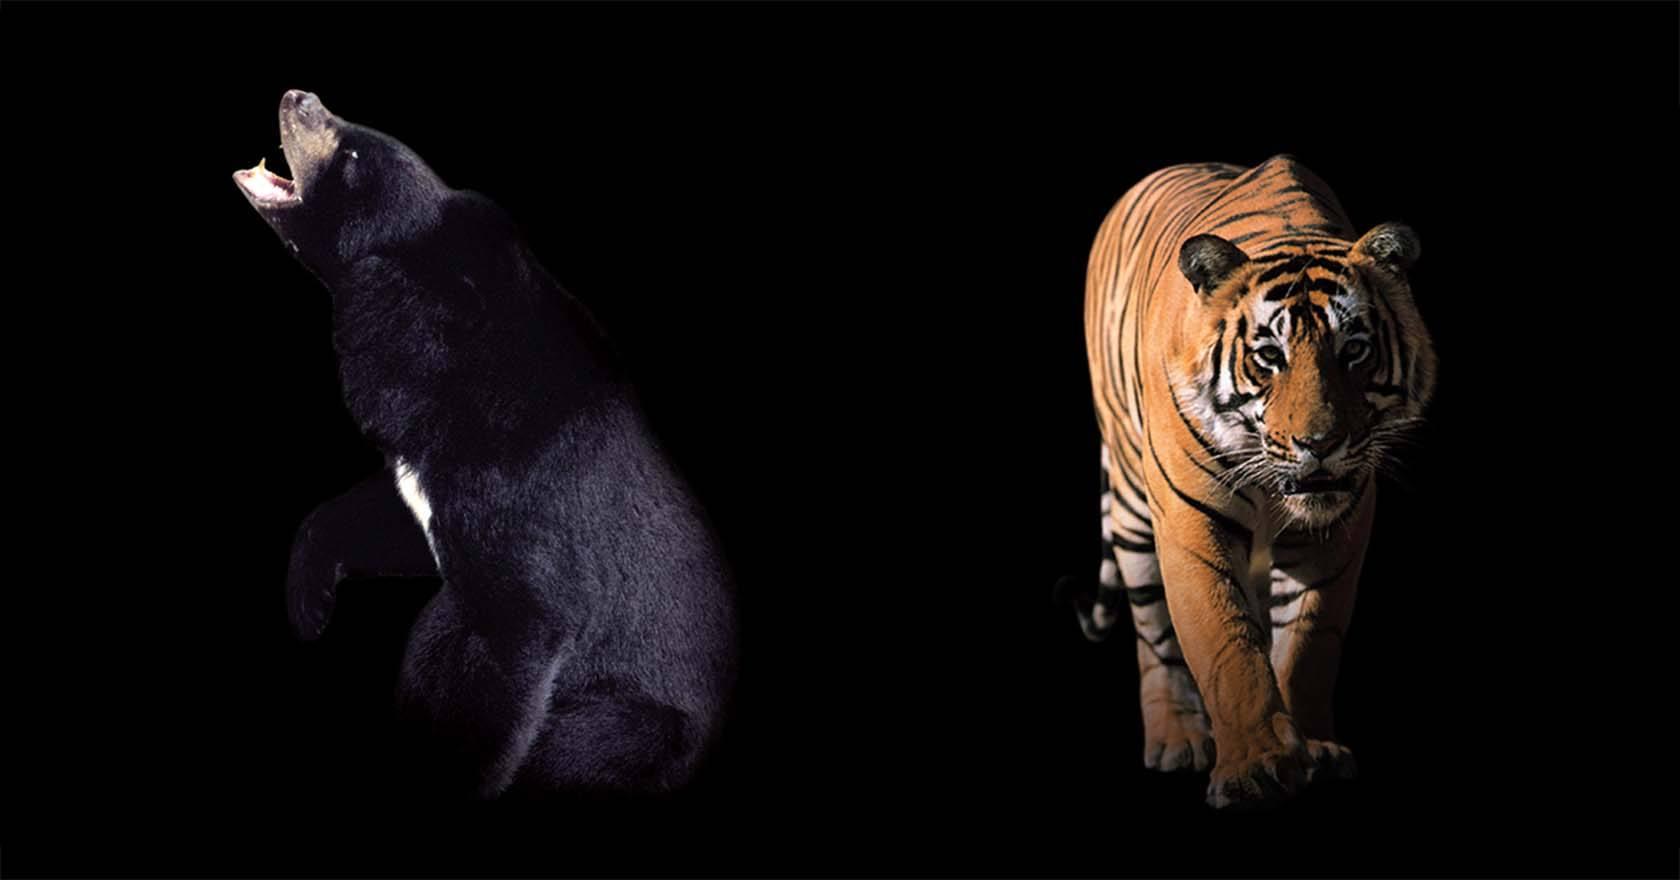 WMH-CLIPPER-TEA-BEAR-TIGER-WEB image